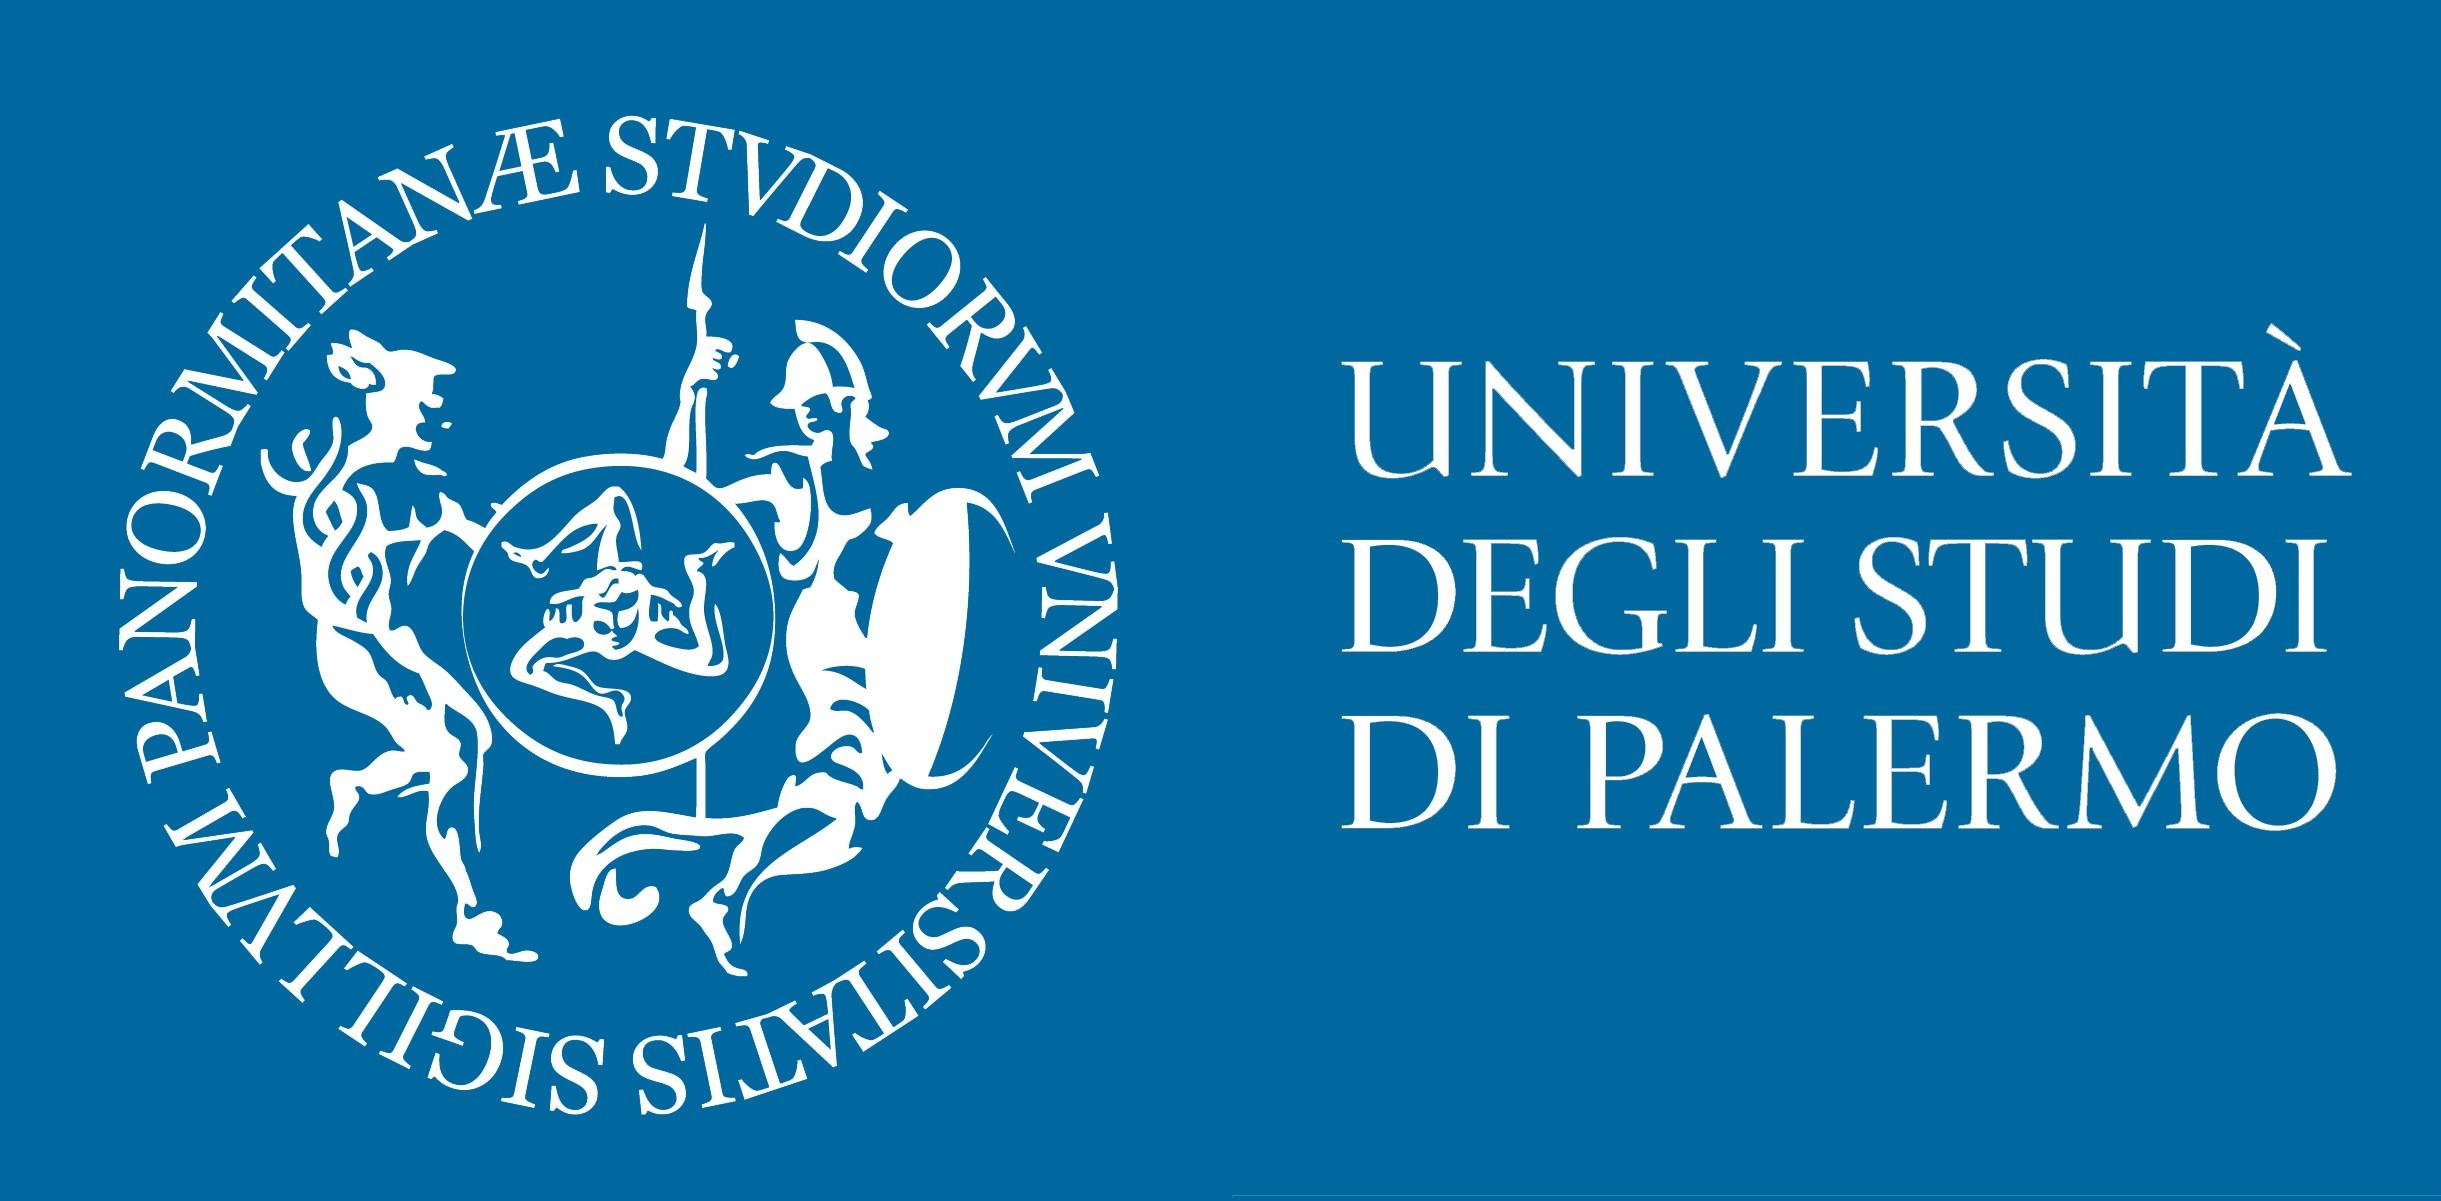 UniPa: come funziona l'app dedicata agli studenti